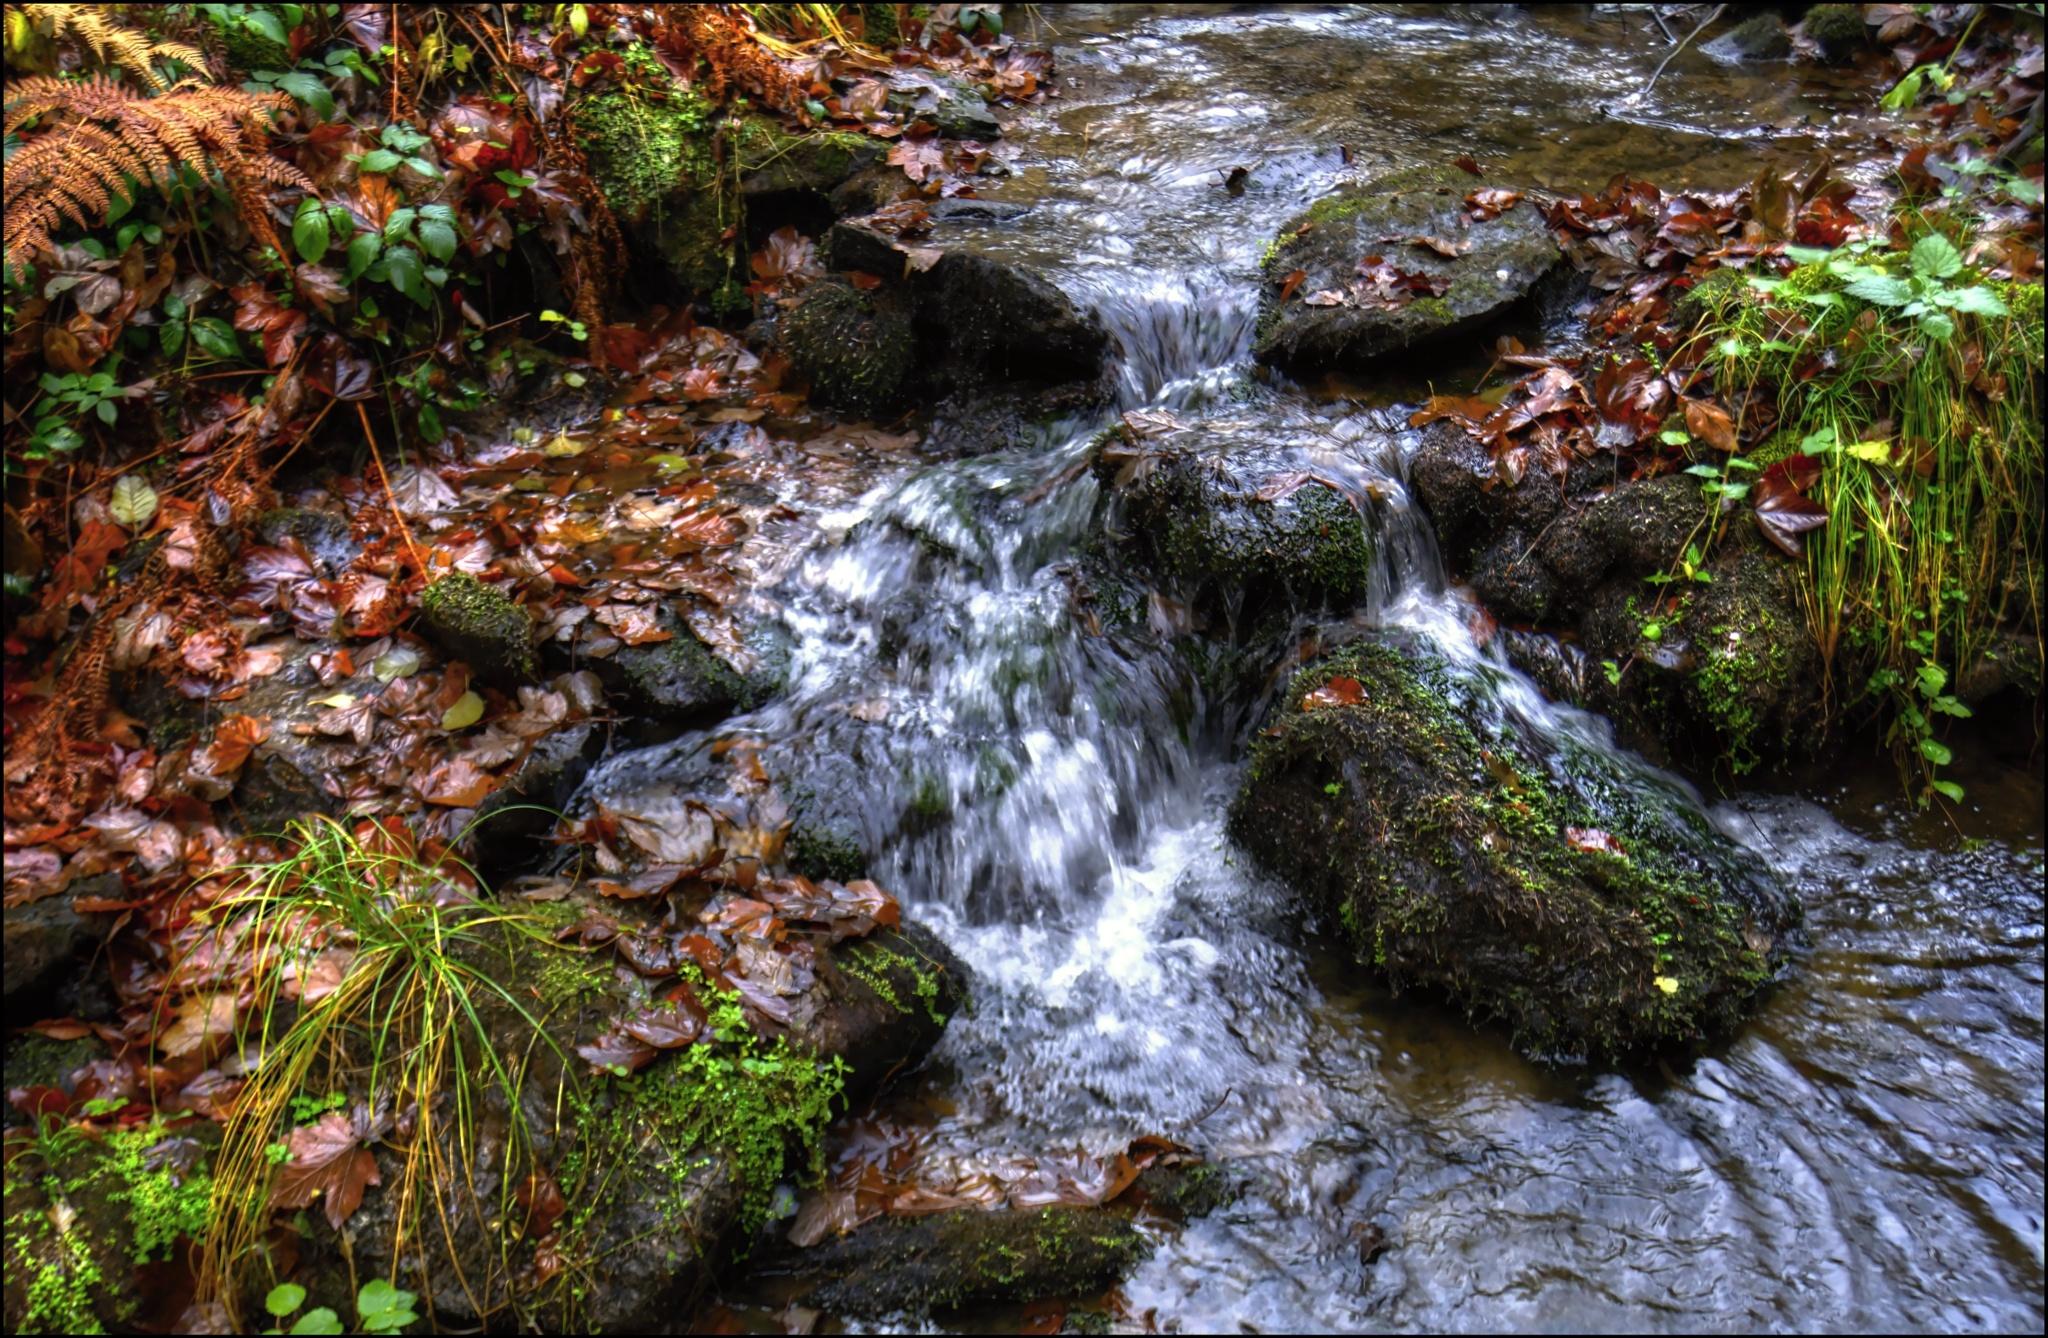 Podzim v řece by Hana